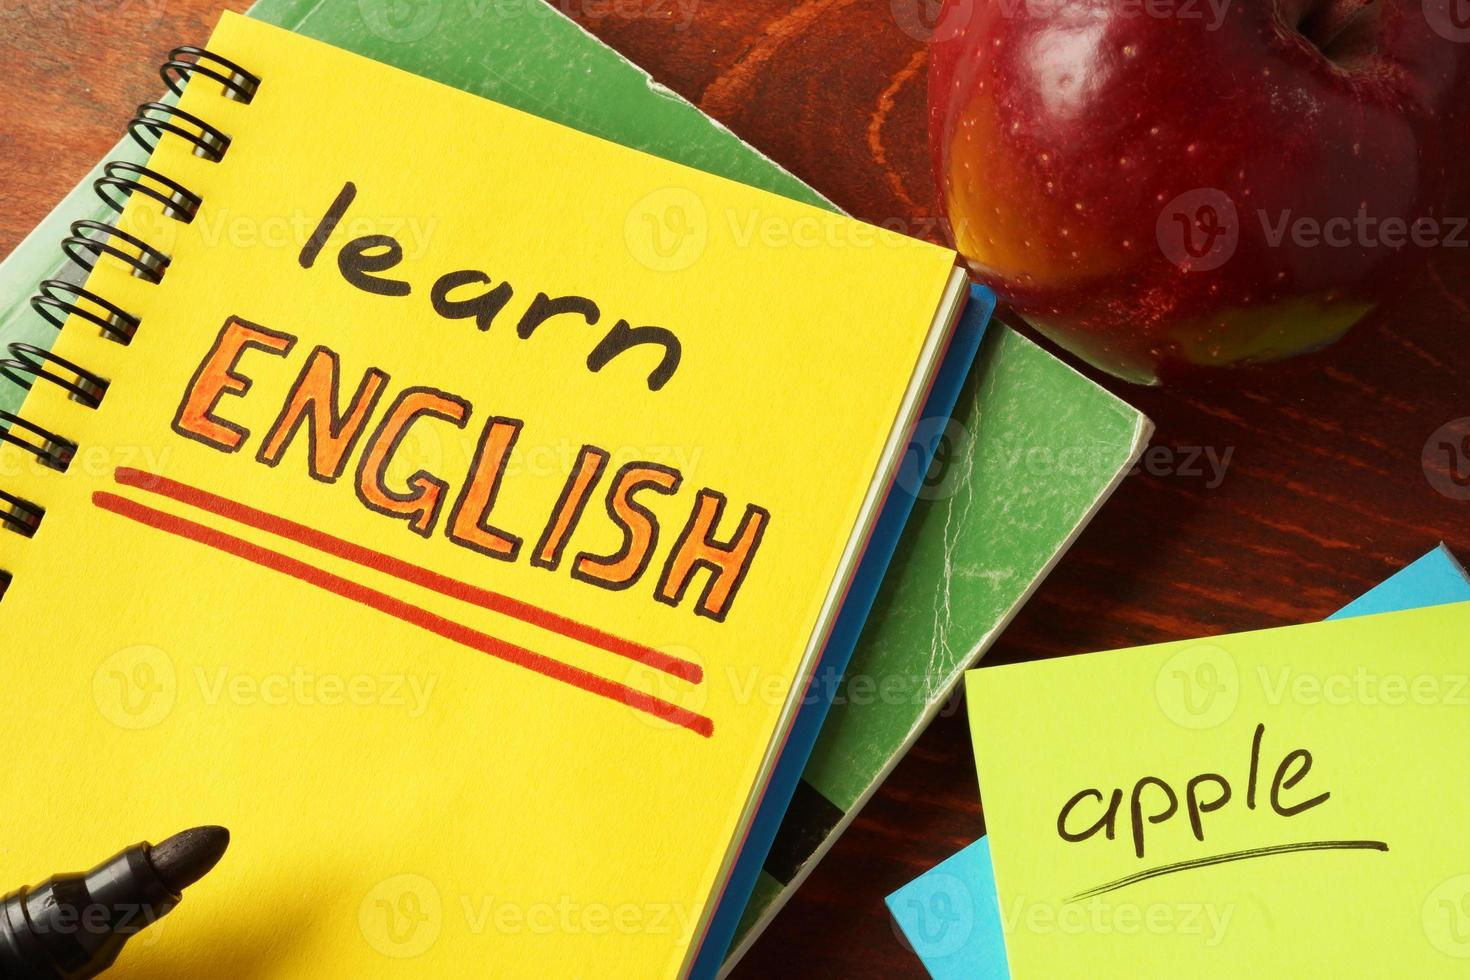 portable avec apprendre le signe anglais. photo